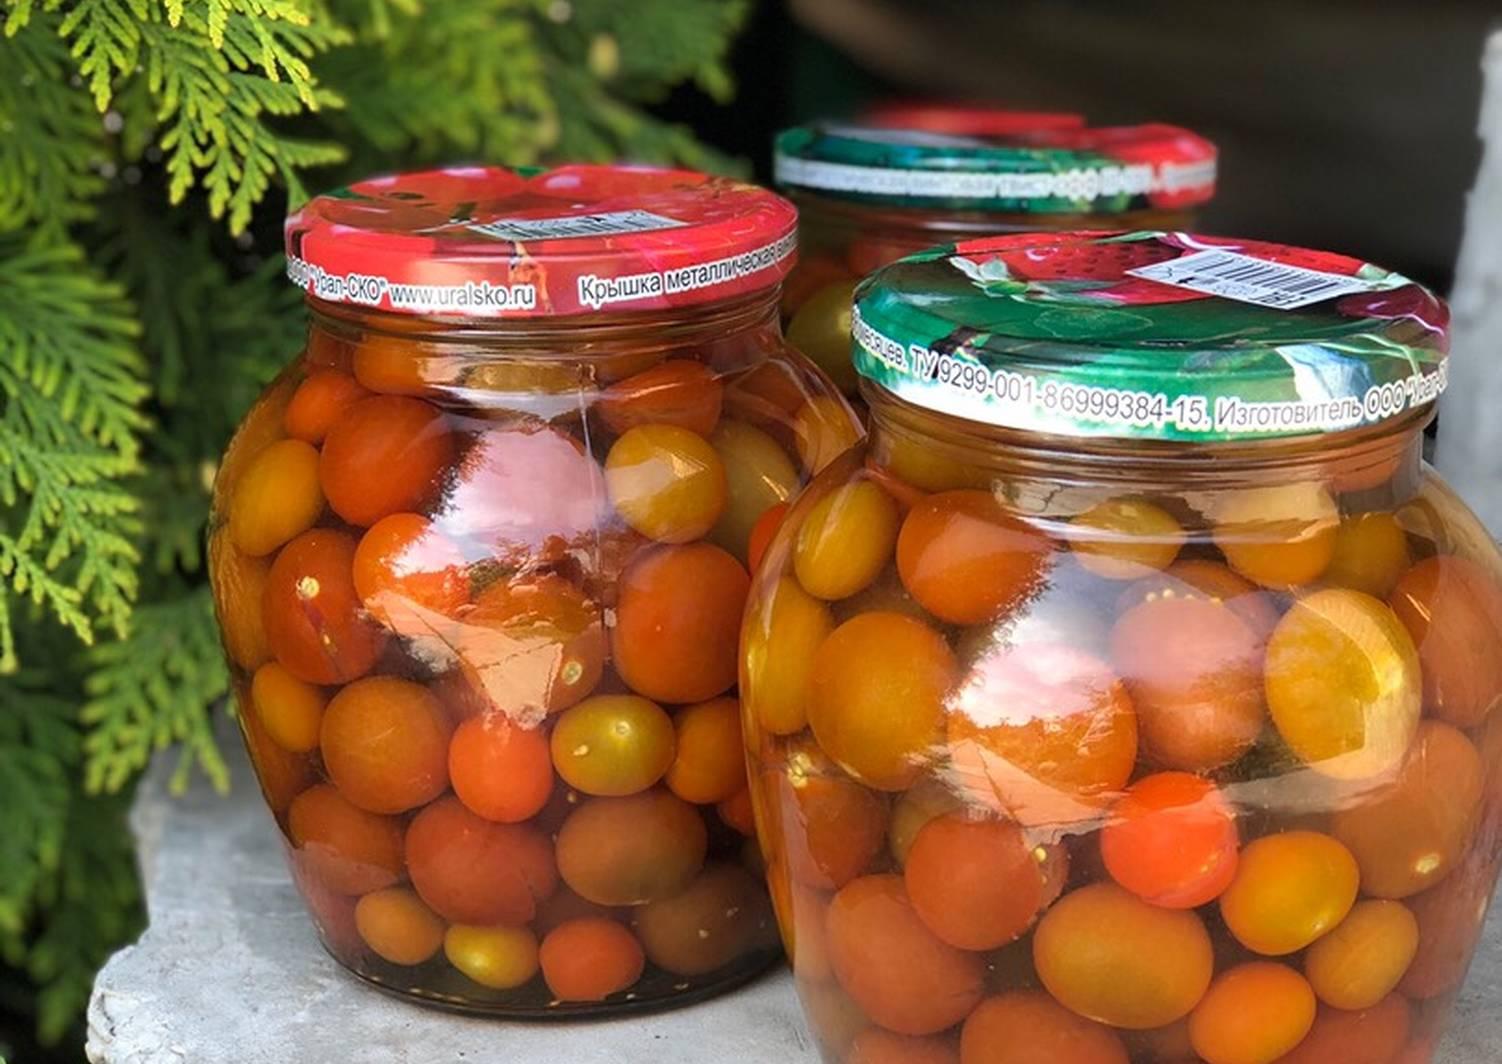 Через сколько можно пробовать и есть маринованные помидоры